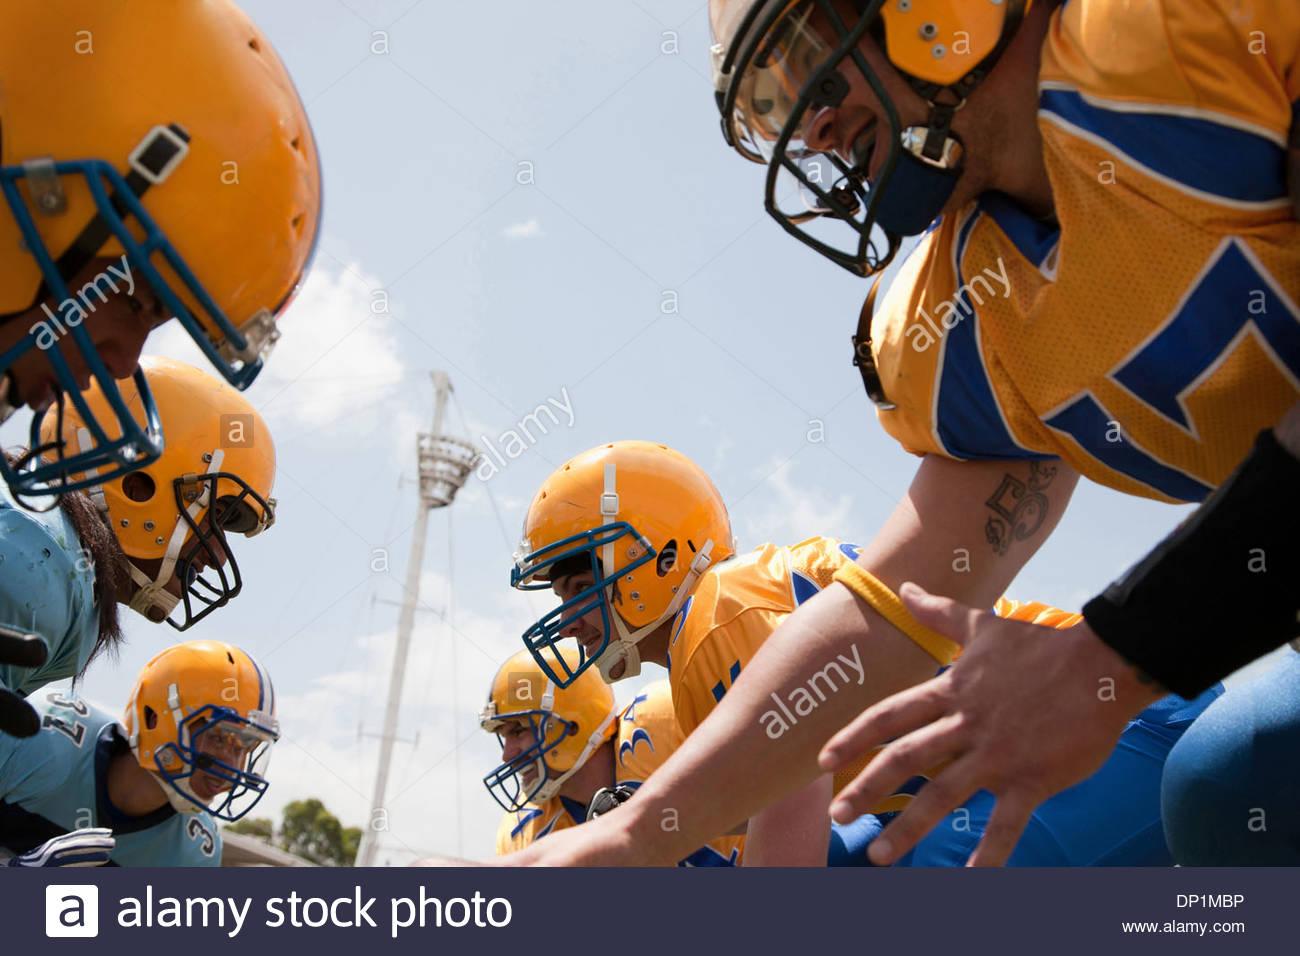 Les joueurs de football prépare à jouer au football Photo Stock